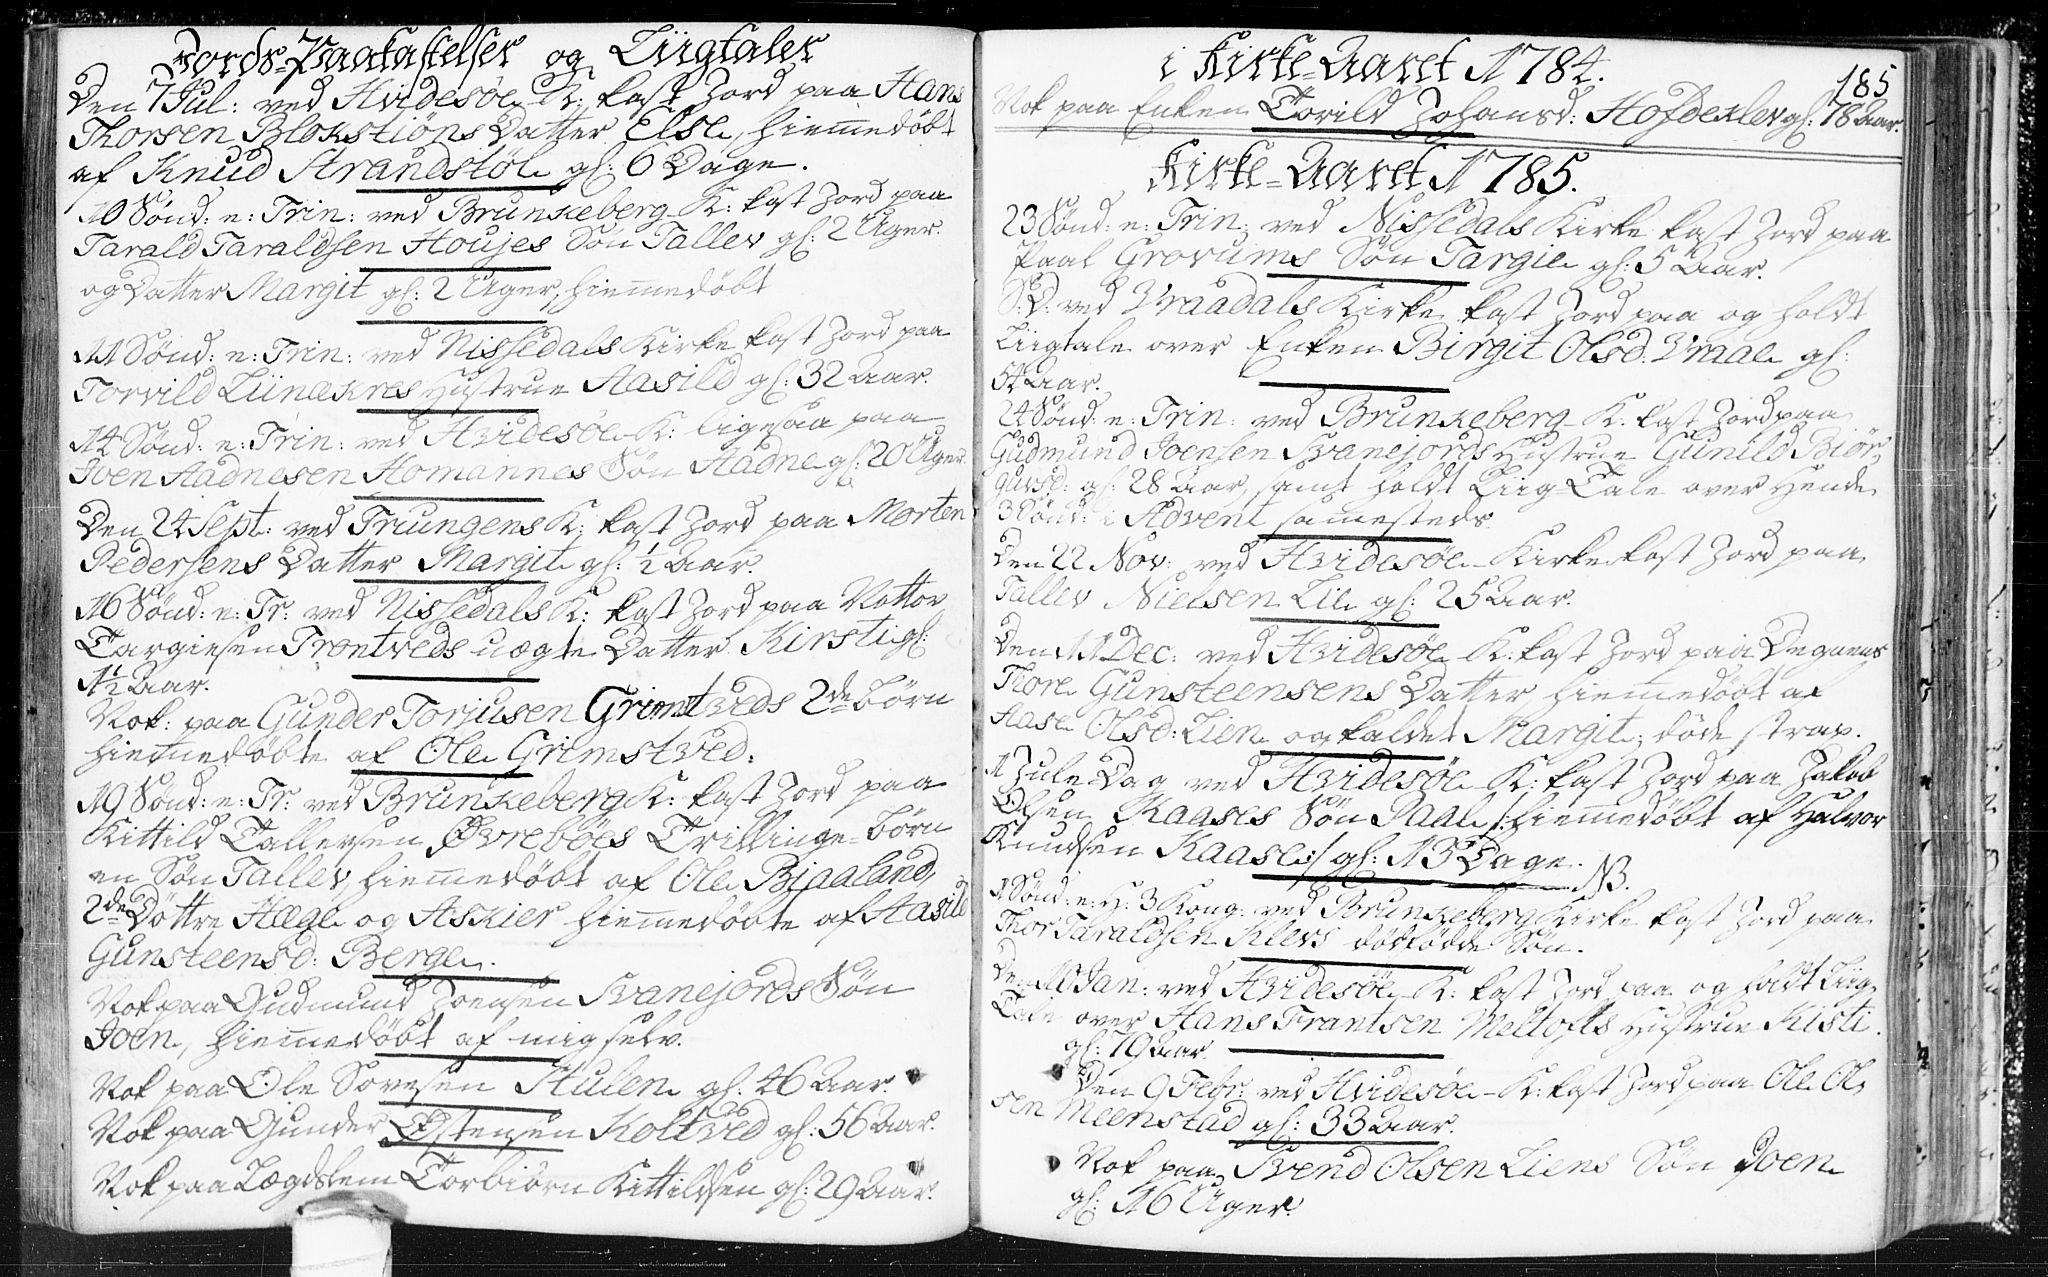 SAKO, Kviteseid kirkebøker, F/Fa/L0002: Ministerialbok nr. I 2, 1773-1786, s. 185